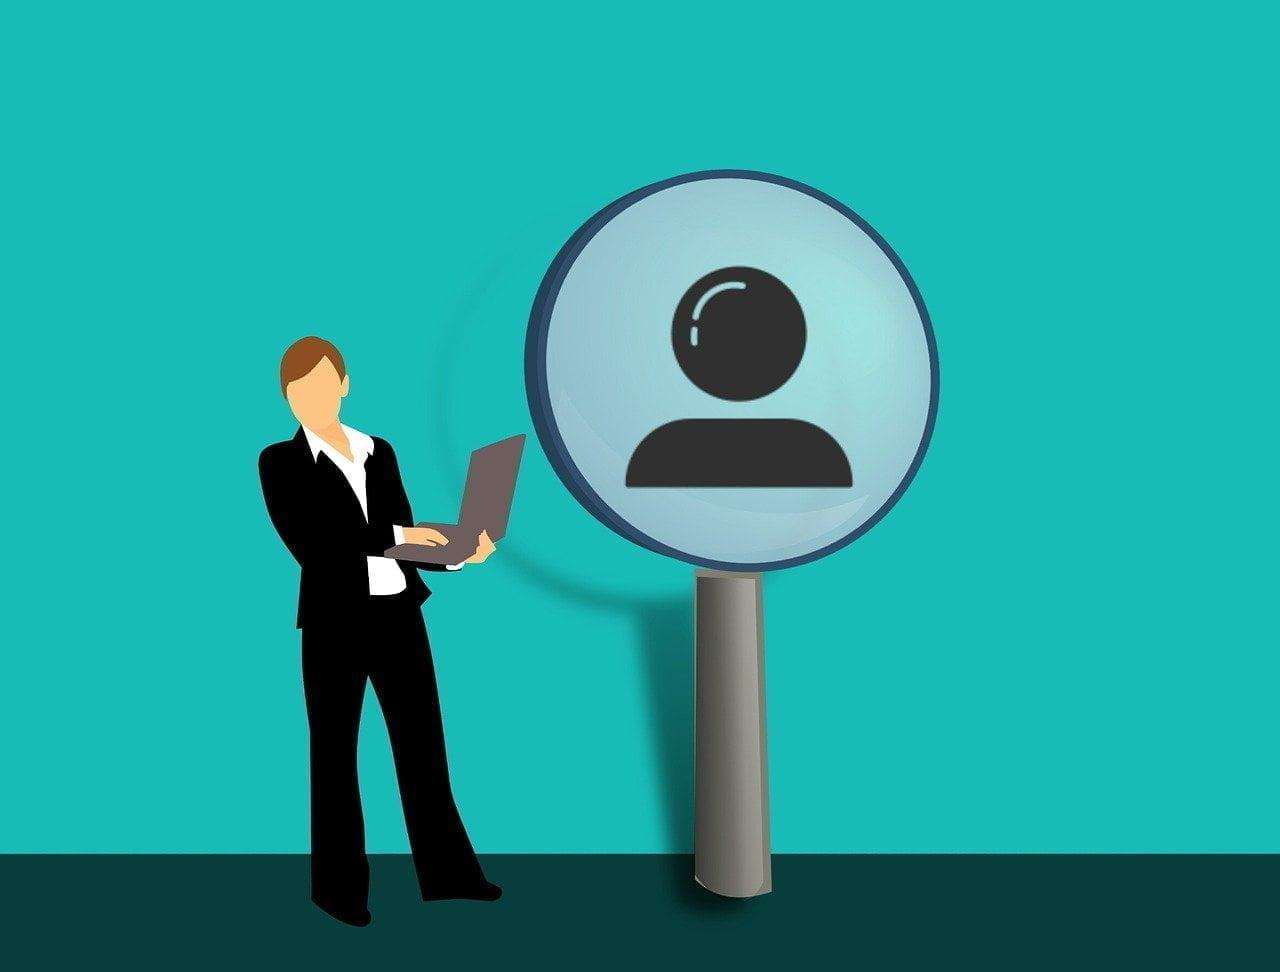 Aplicaciones de gestión para empresas y autónomos